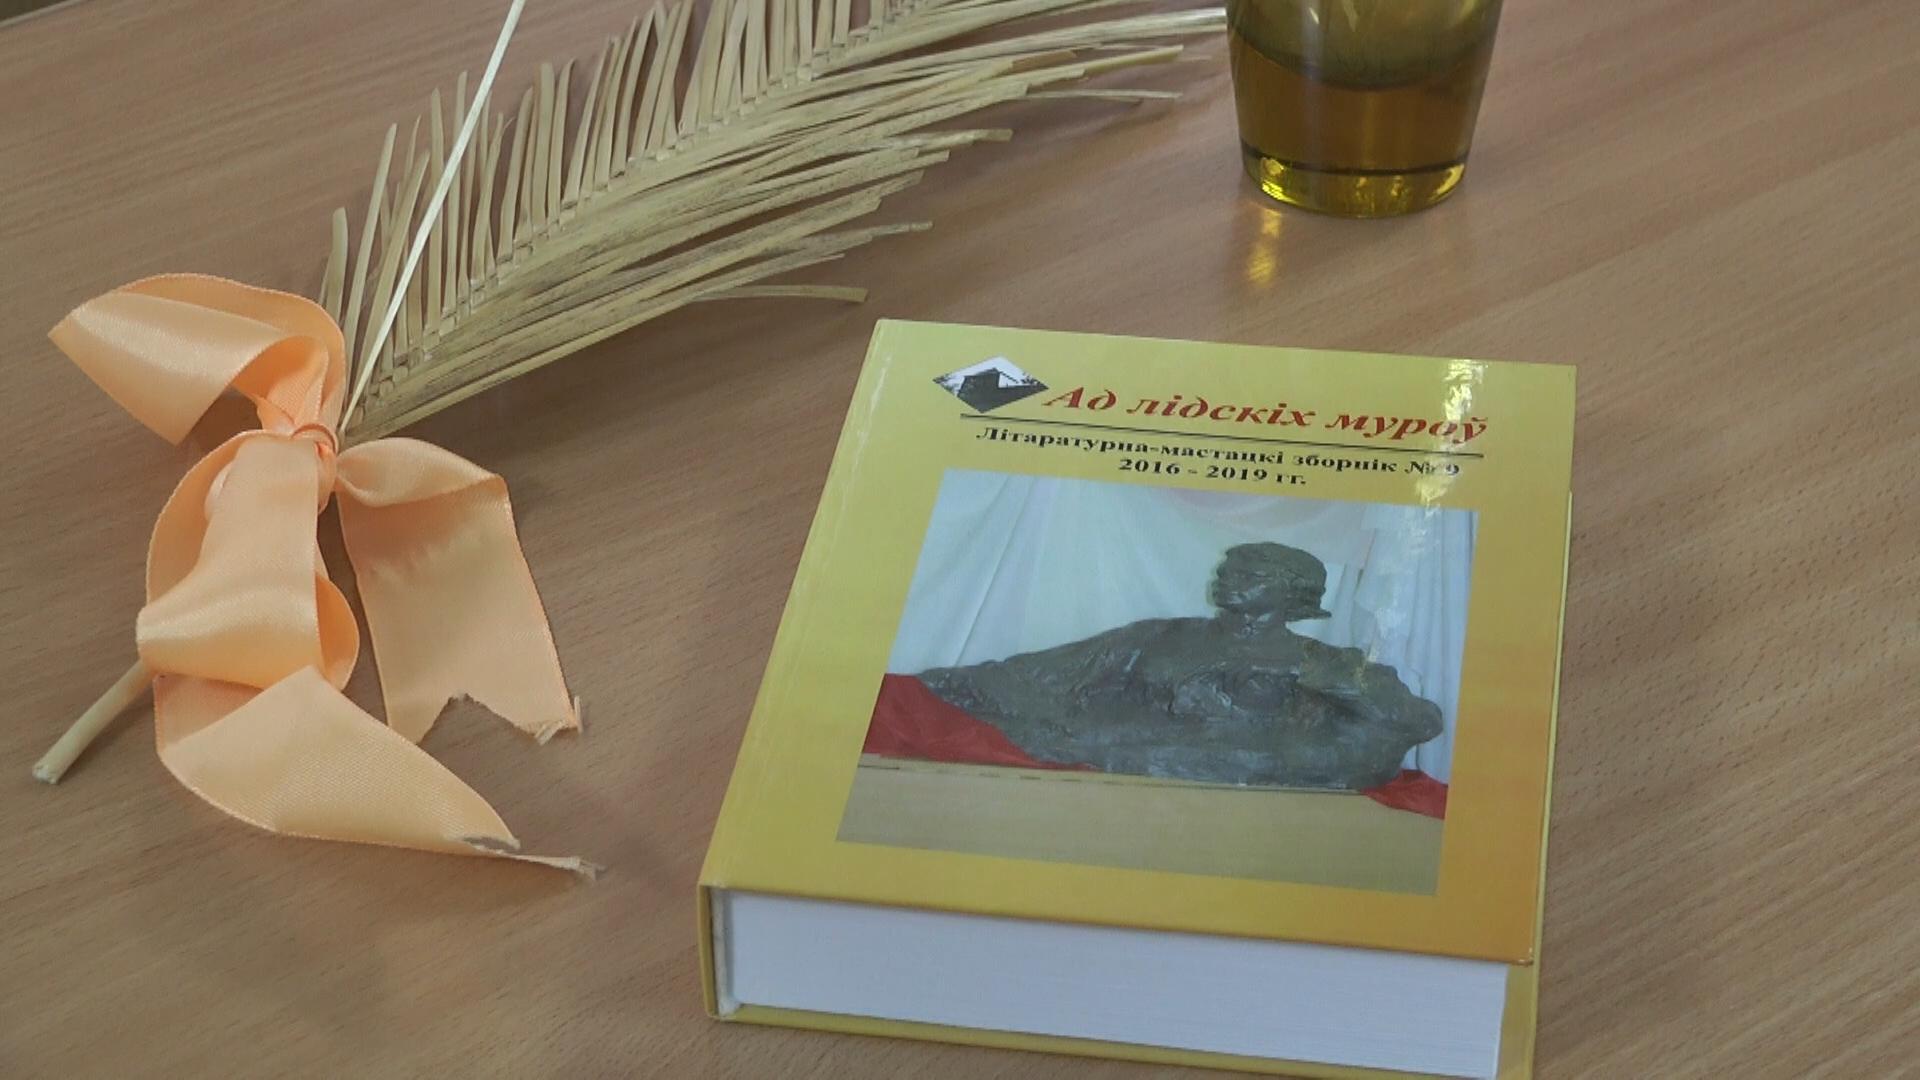 В доме Валентина Тавлая состоялась презентация литературного сборника «Ад Лідскіх муроў» №9.